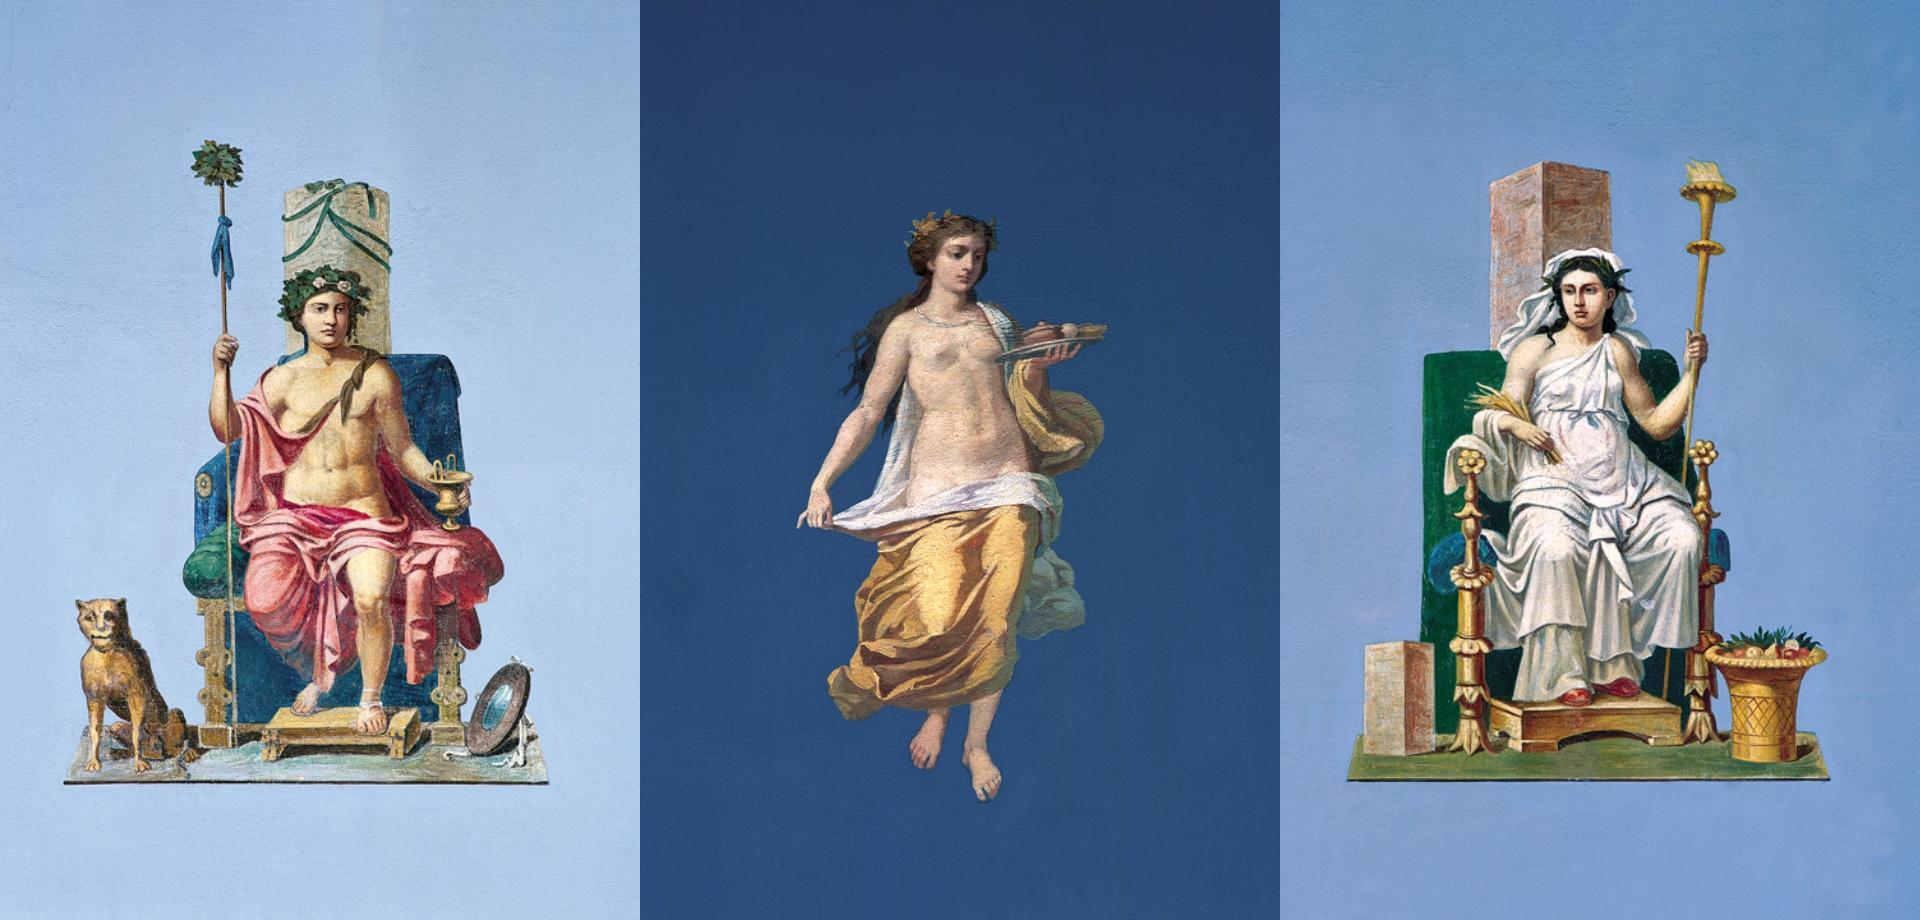 Νομισματικό Μουσείο Αθηνών